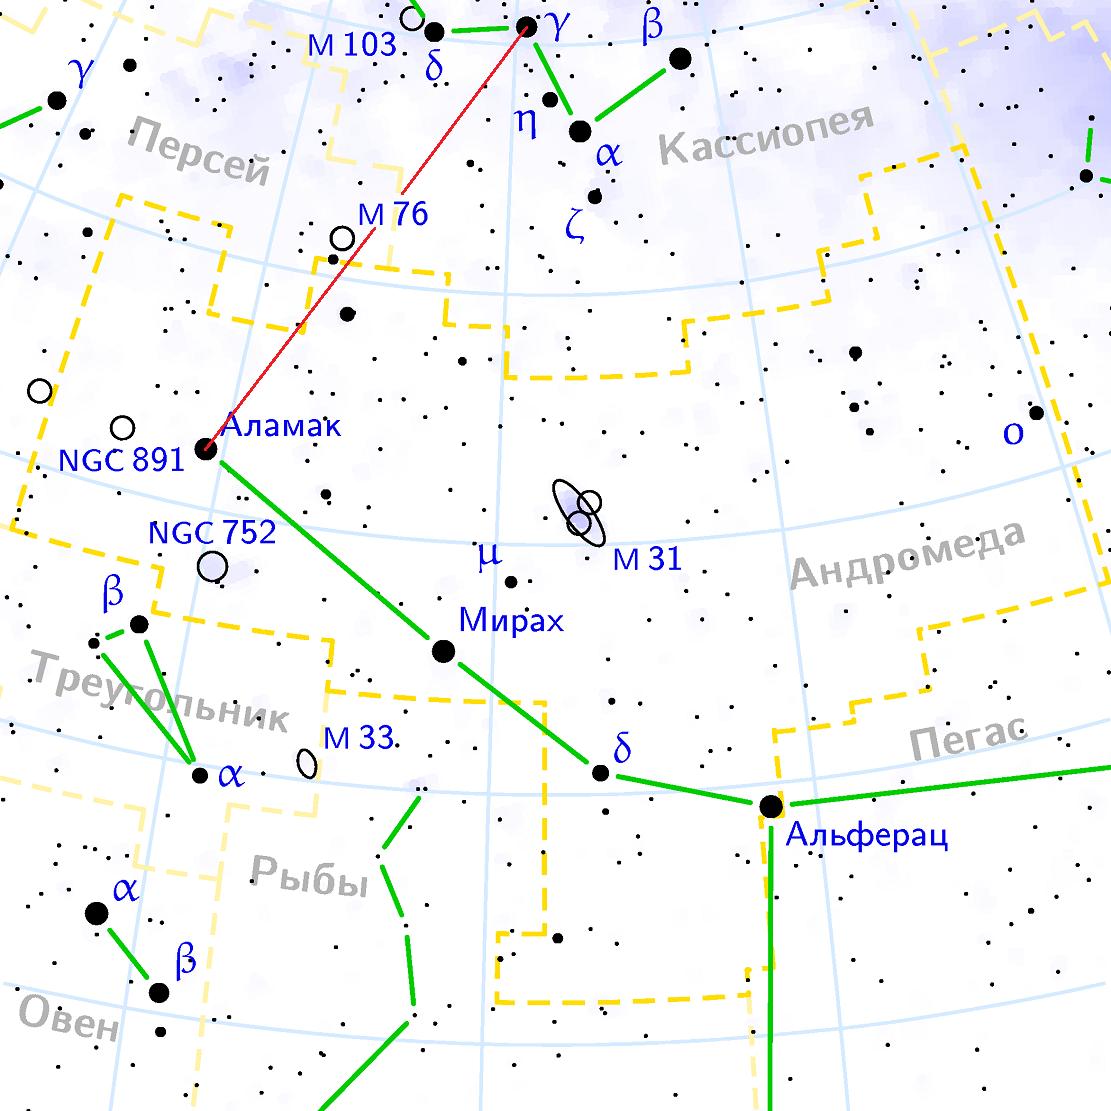 Положение туманности M76 относительно созвездий Перскй, Кассиопея и Андромеда